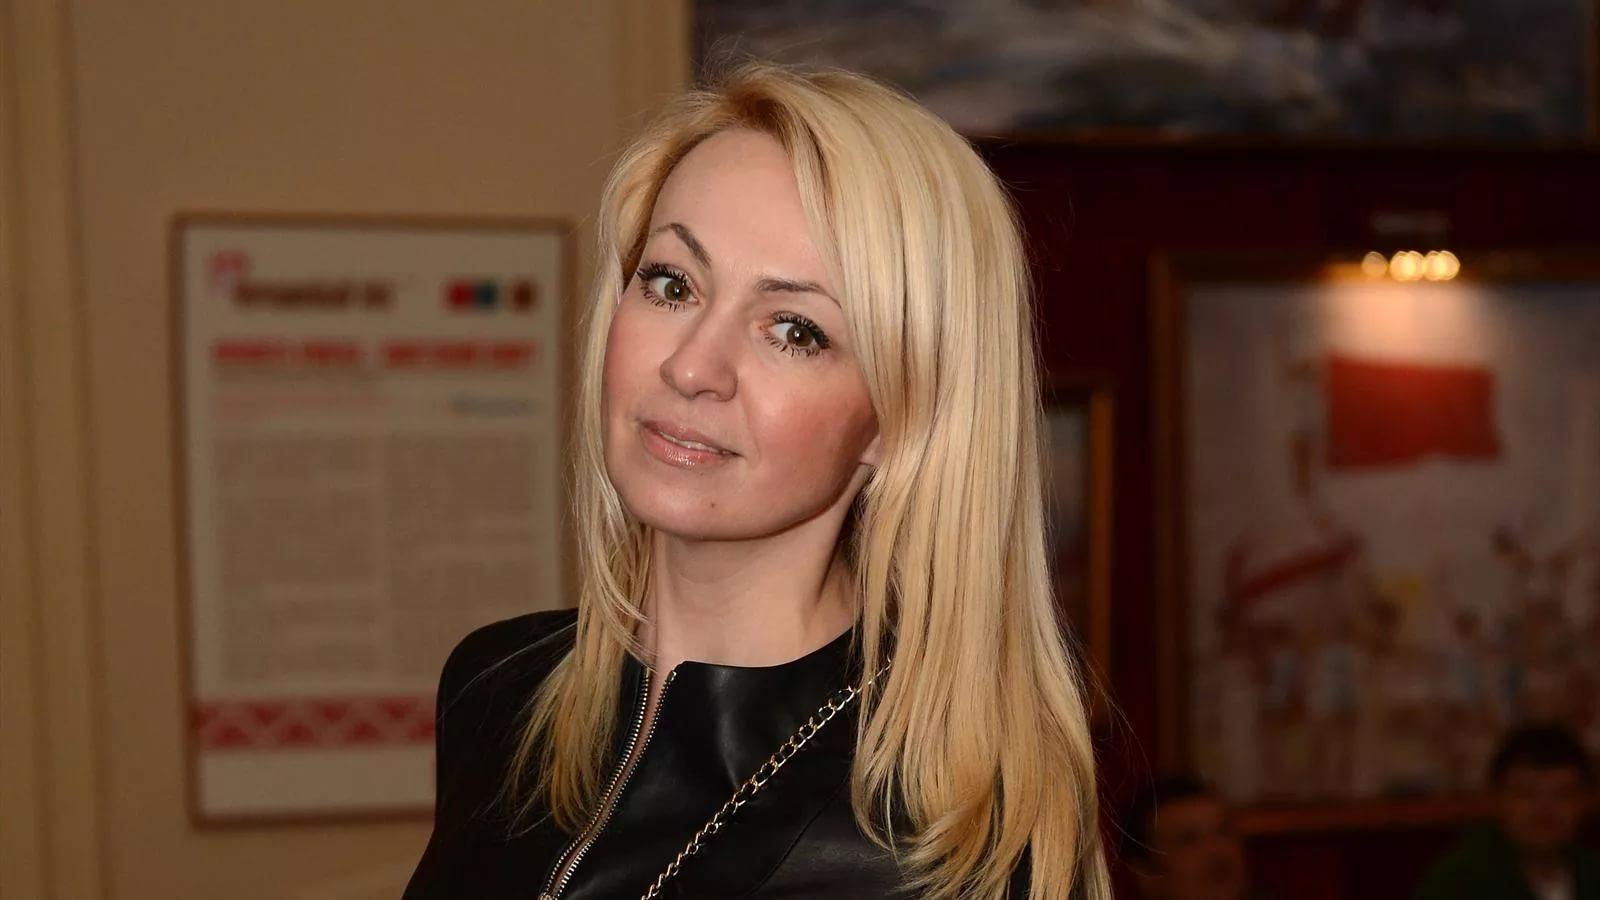 Яна Рудковская: биография, личная жизнь, семья, муж, дети — фото